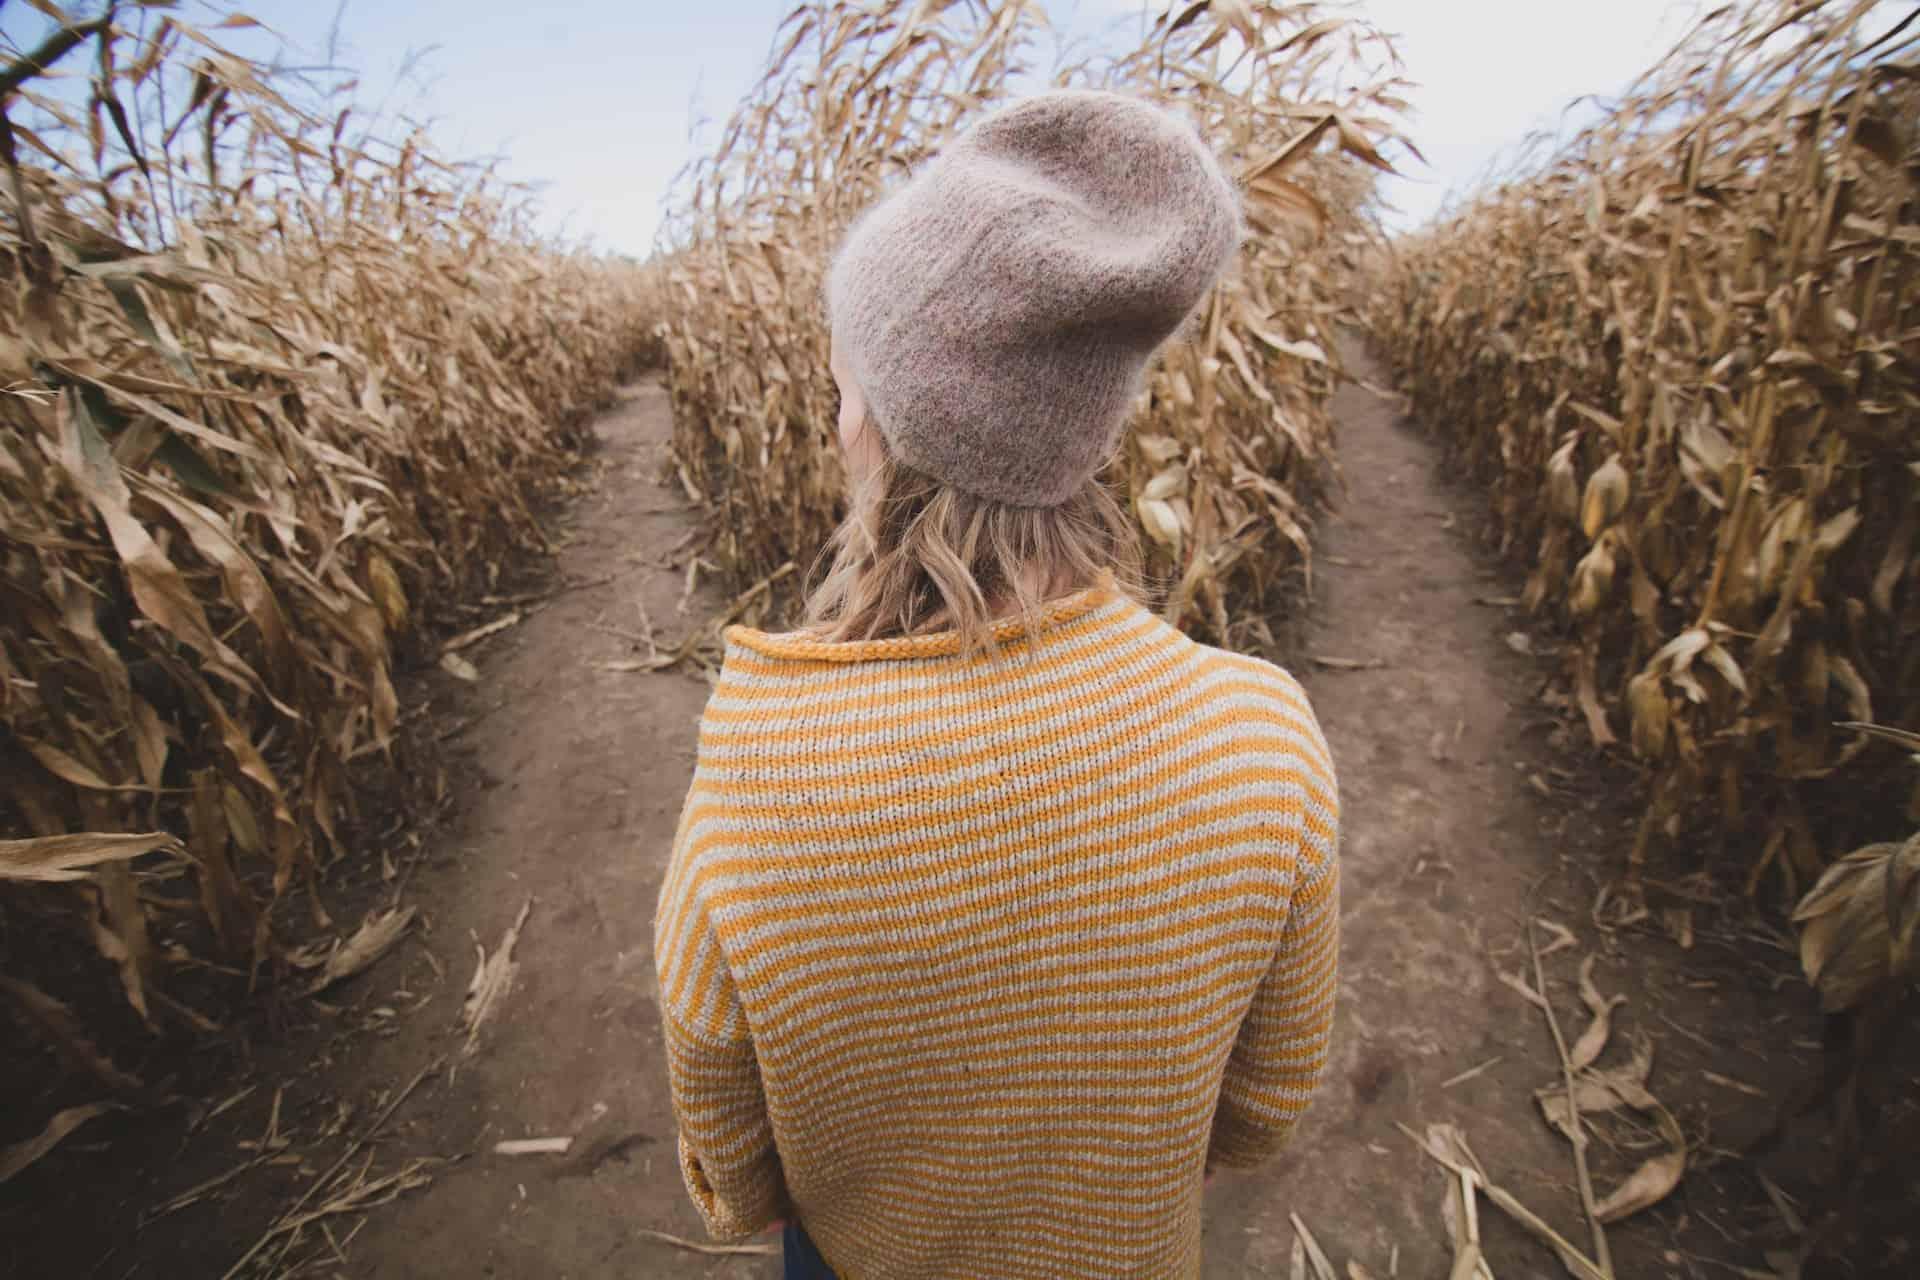 Eine Frau steht in einem Getreidefeld zwischen zwei moeglichen Wegen, die sie gehen kann.